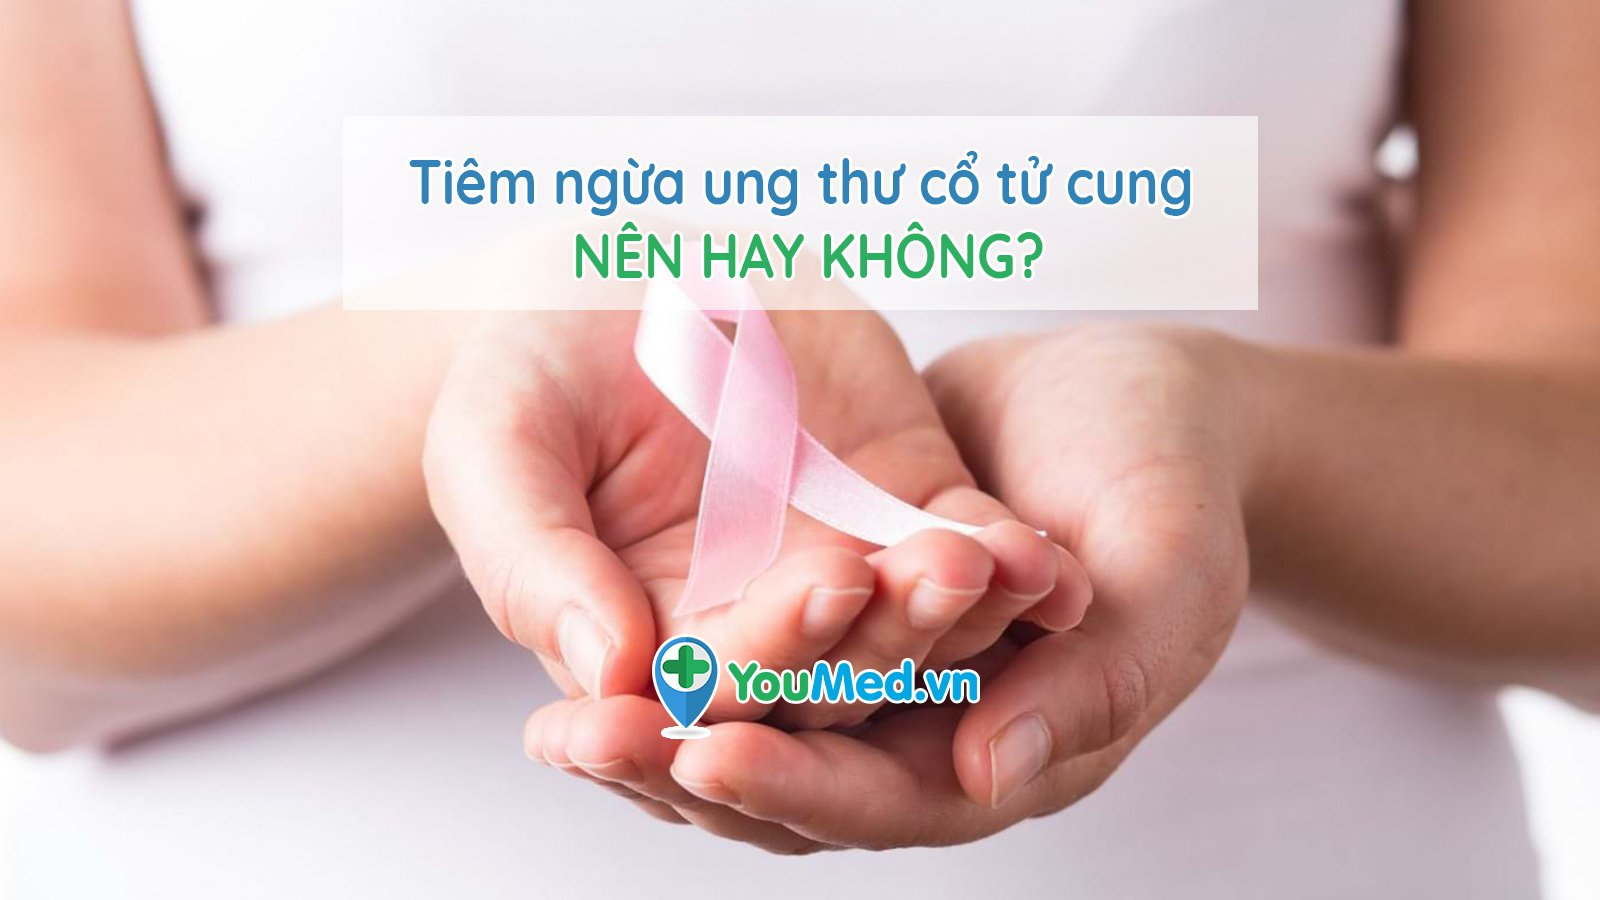 Tiêm ngừa ung thư cổ tử cung: nên hay không?